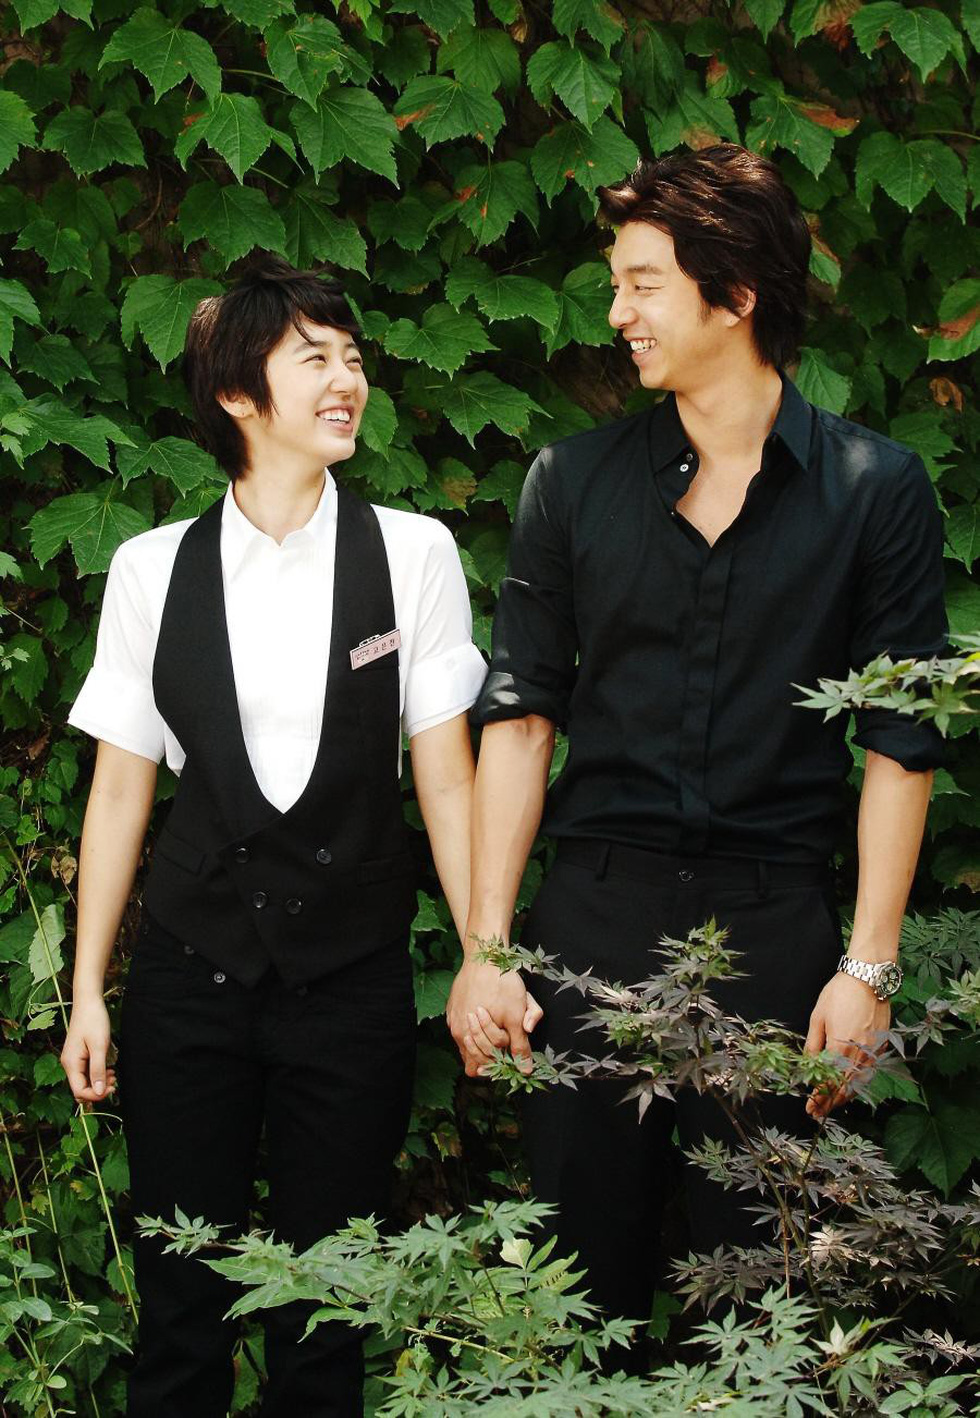 14 phim hài tình cảm Hàn Quốc hay nhất trước nay - Ảnh 5.